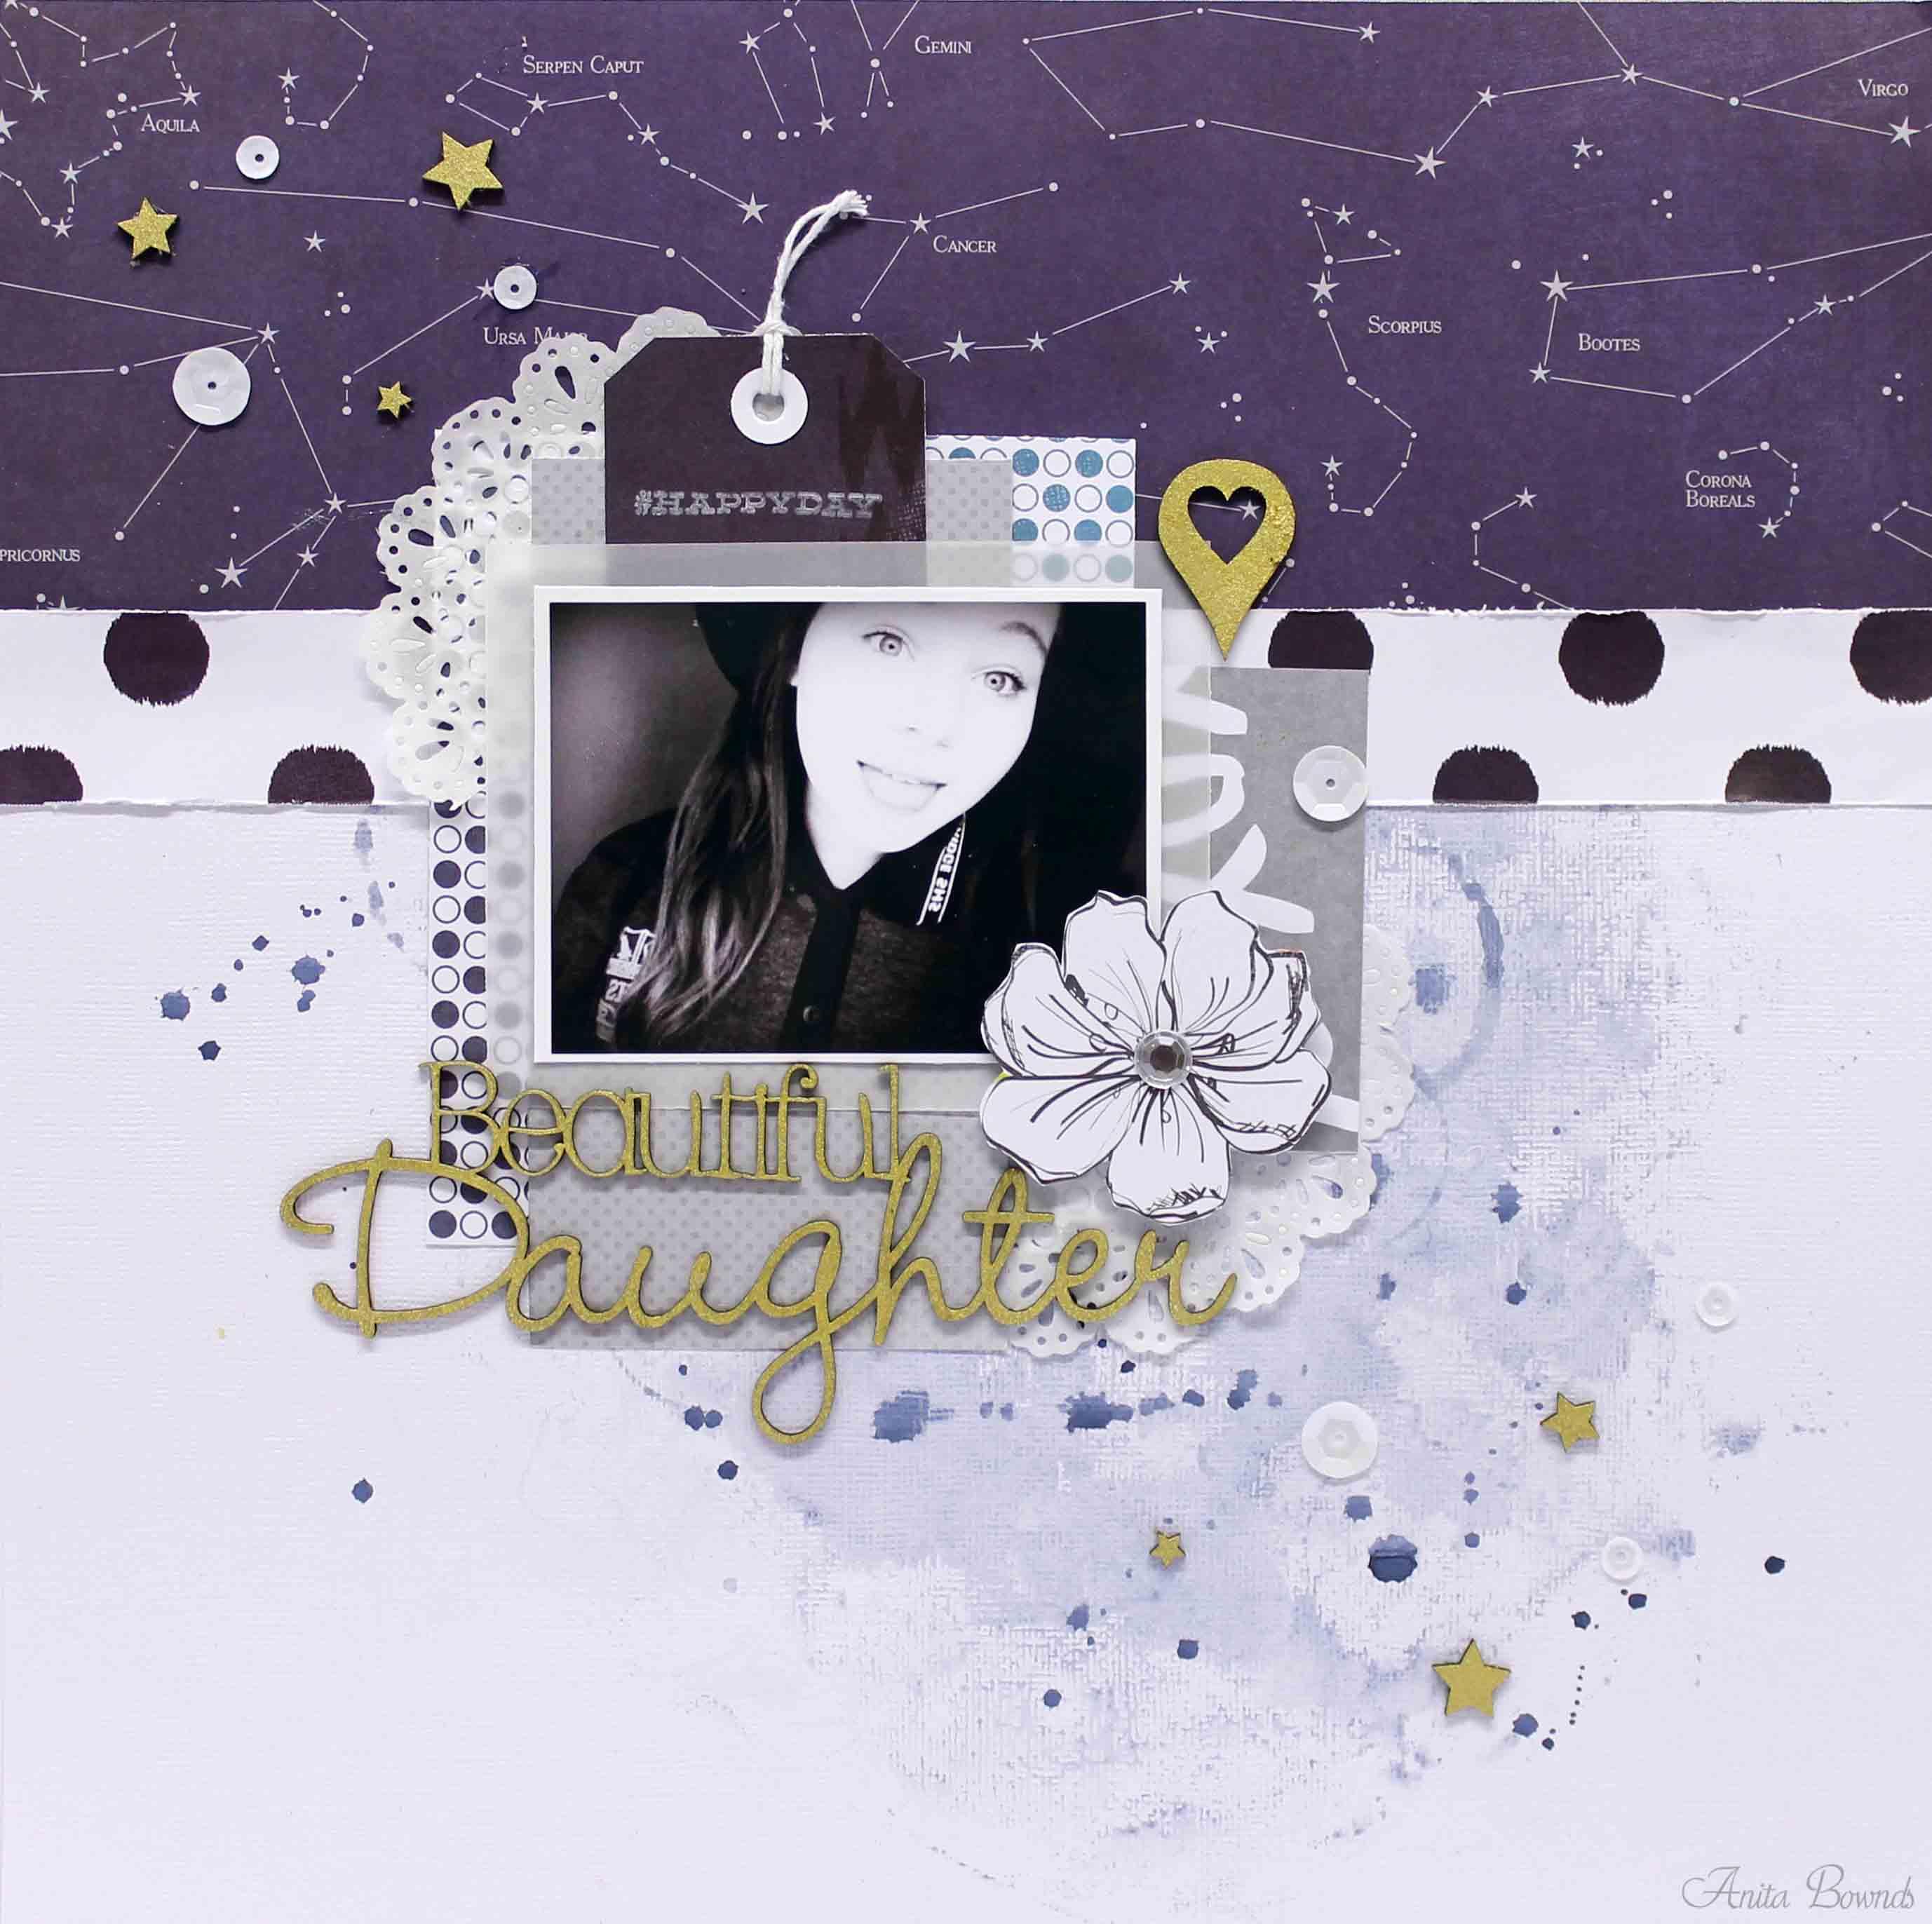 Beautiful Daughter - Anita Bownds 2015 feb Scrapfx DT (4)